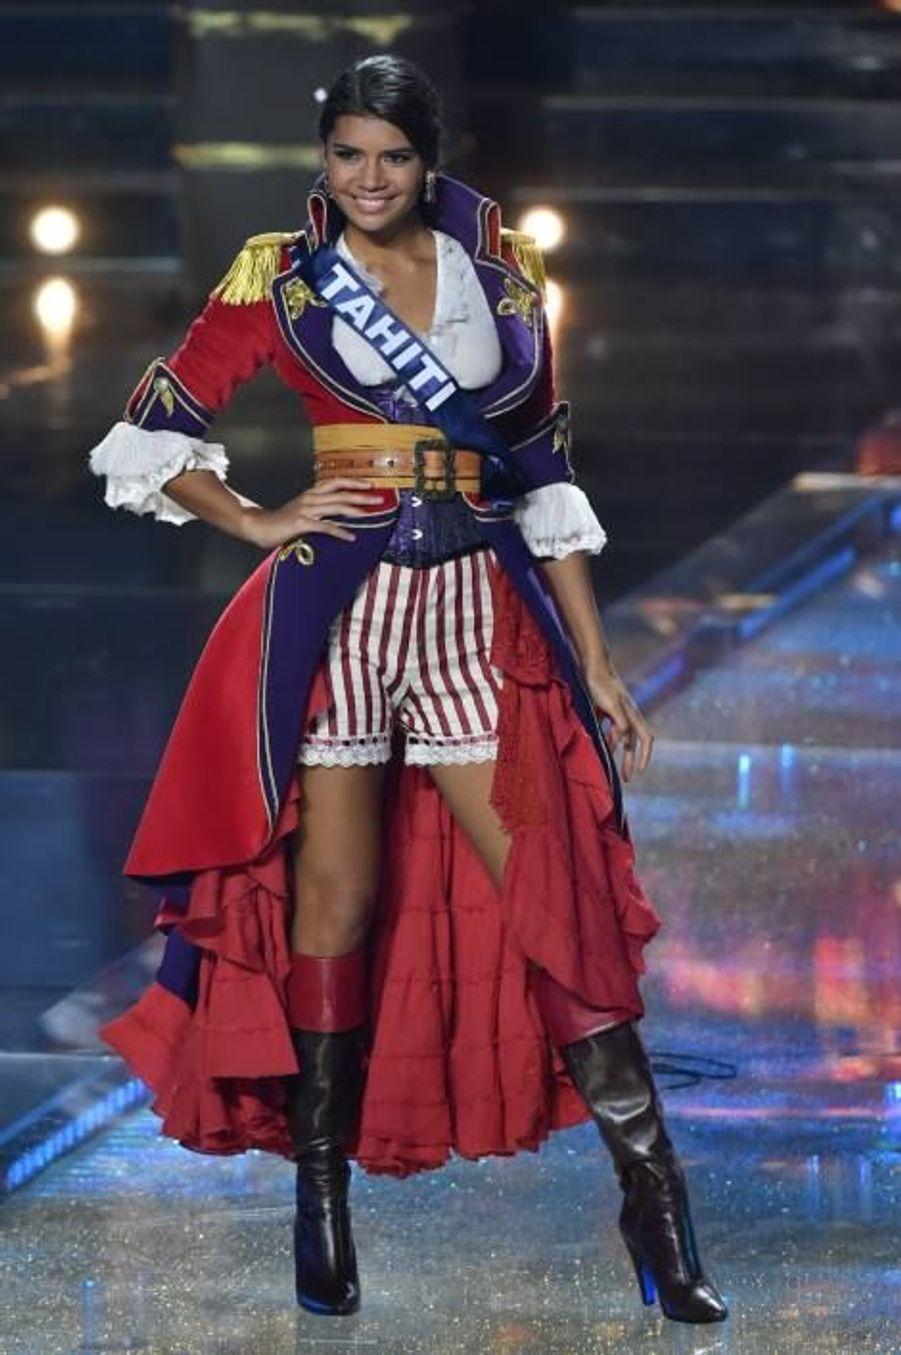 Miss Tahiti Vaimiti Teiefitu